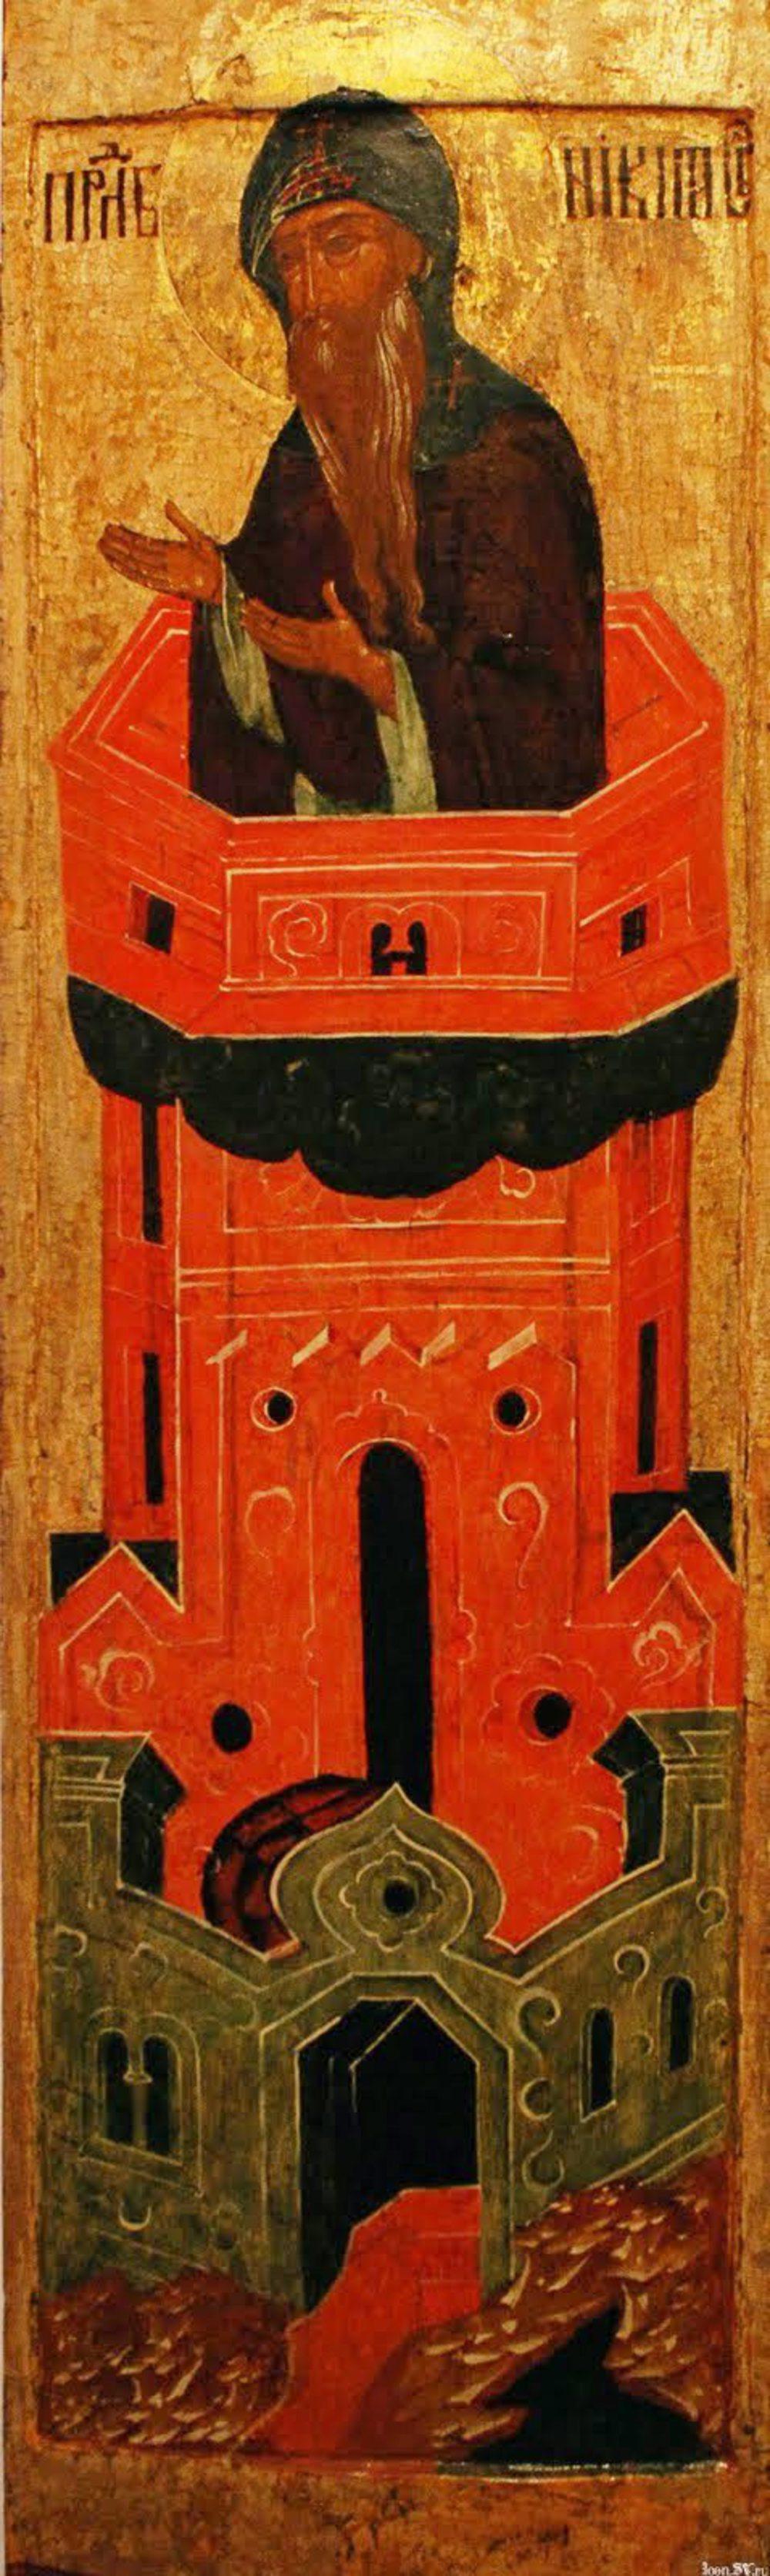 Икона Никиты Столпника.